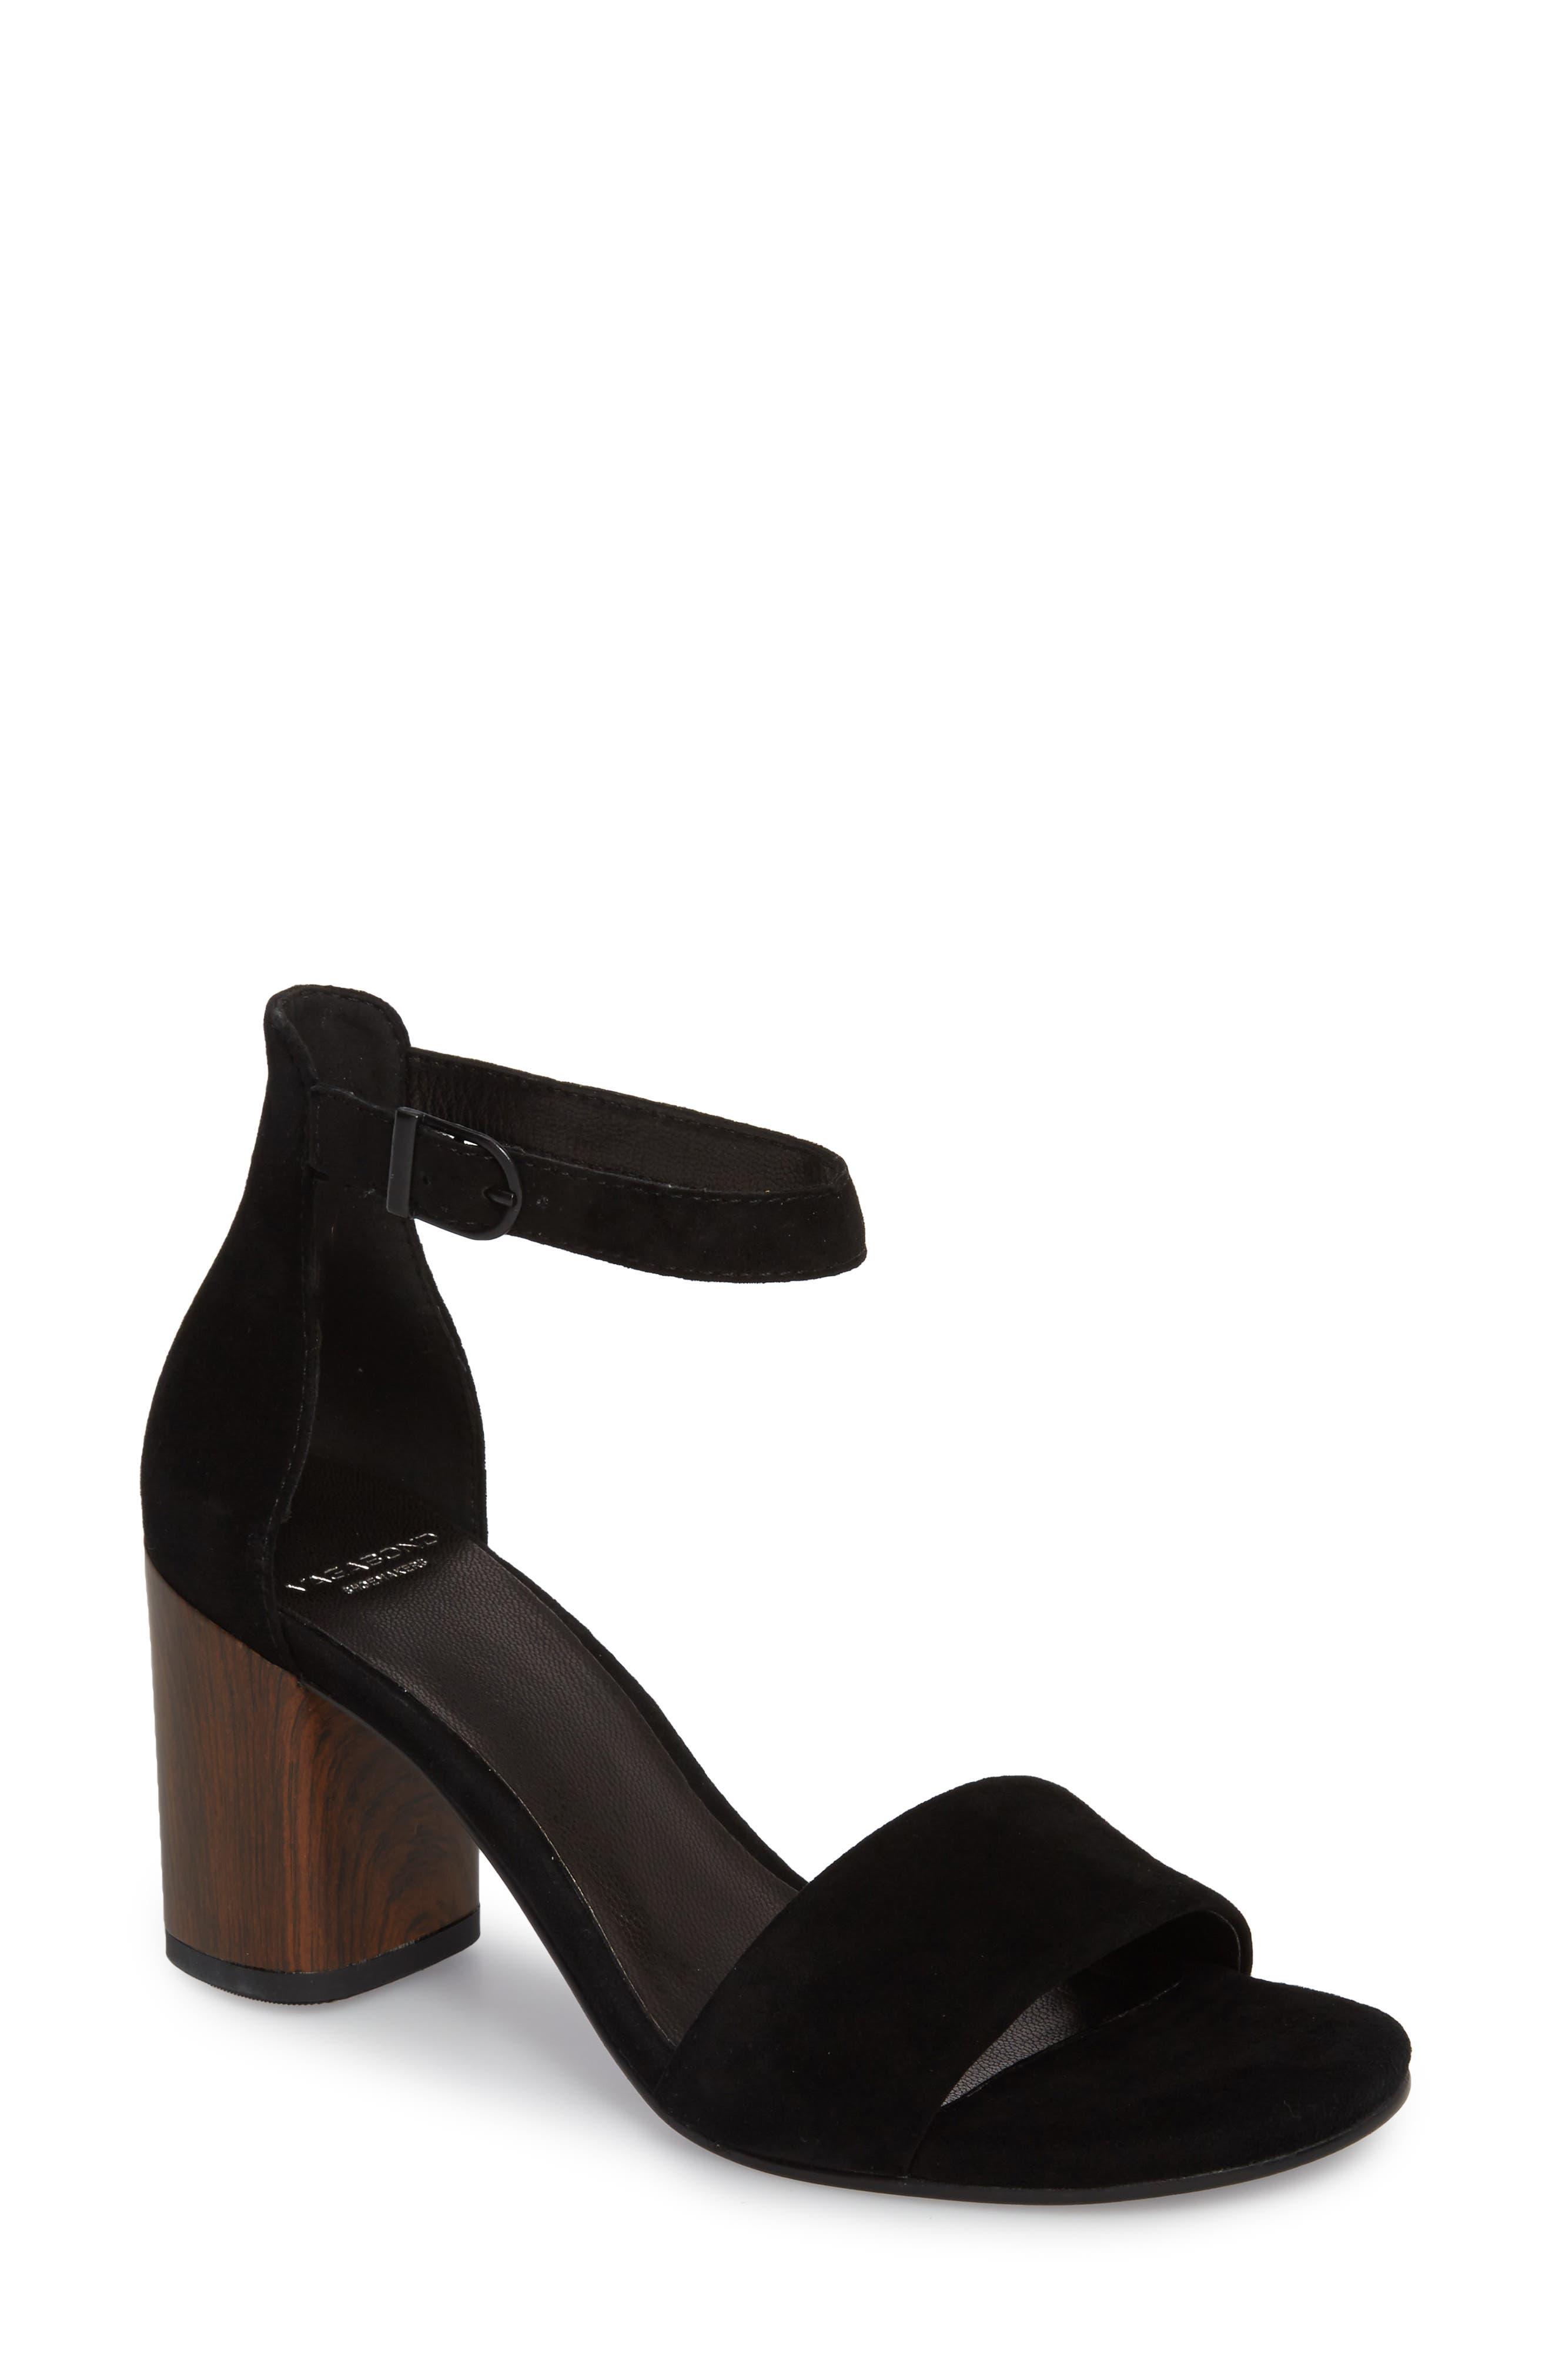 Carol Ankle Strap Sandal,                         Main,                         color, BLACK SUEDE